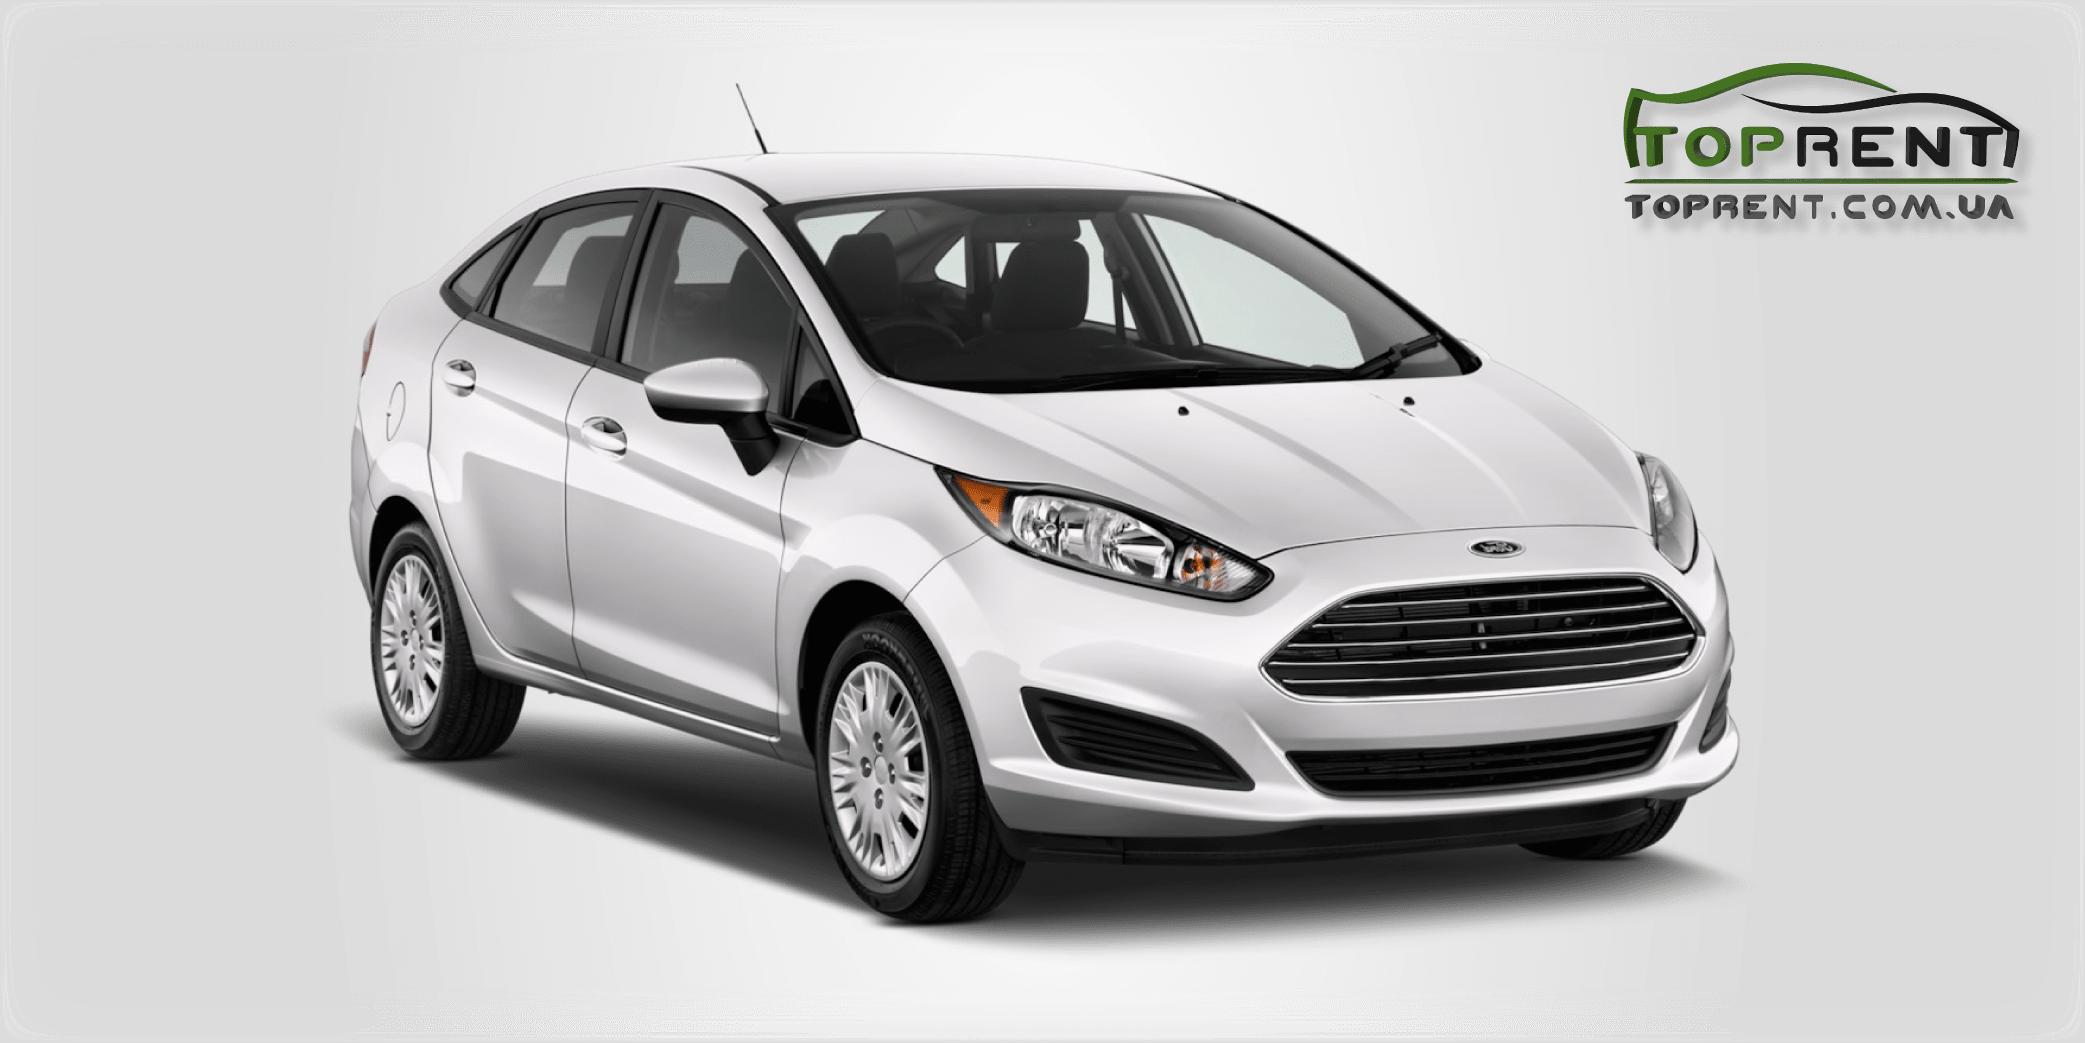 Прокат и аренда авто Ford Fiesta sedan 2016 - фото 1 | TOPrent.com.ua